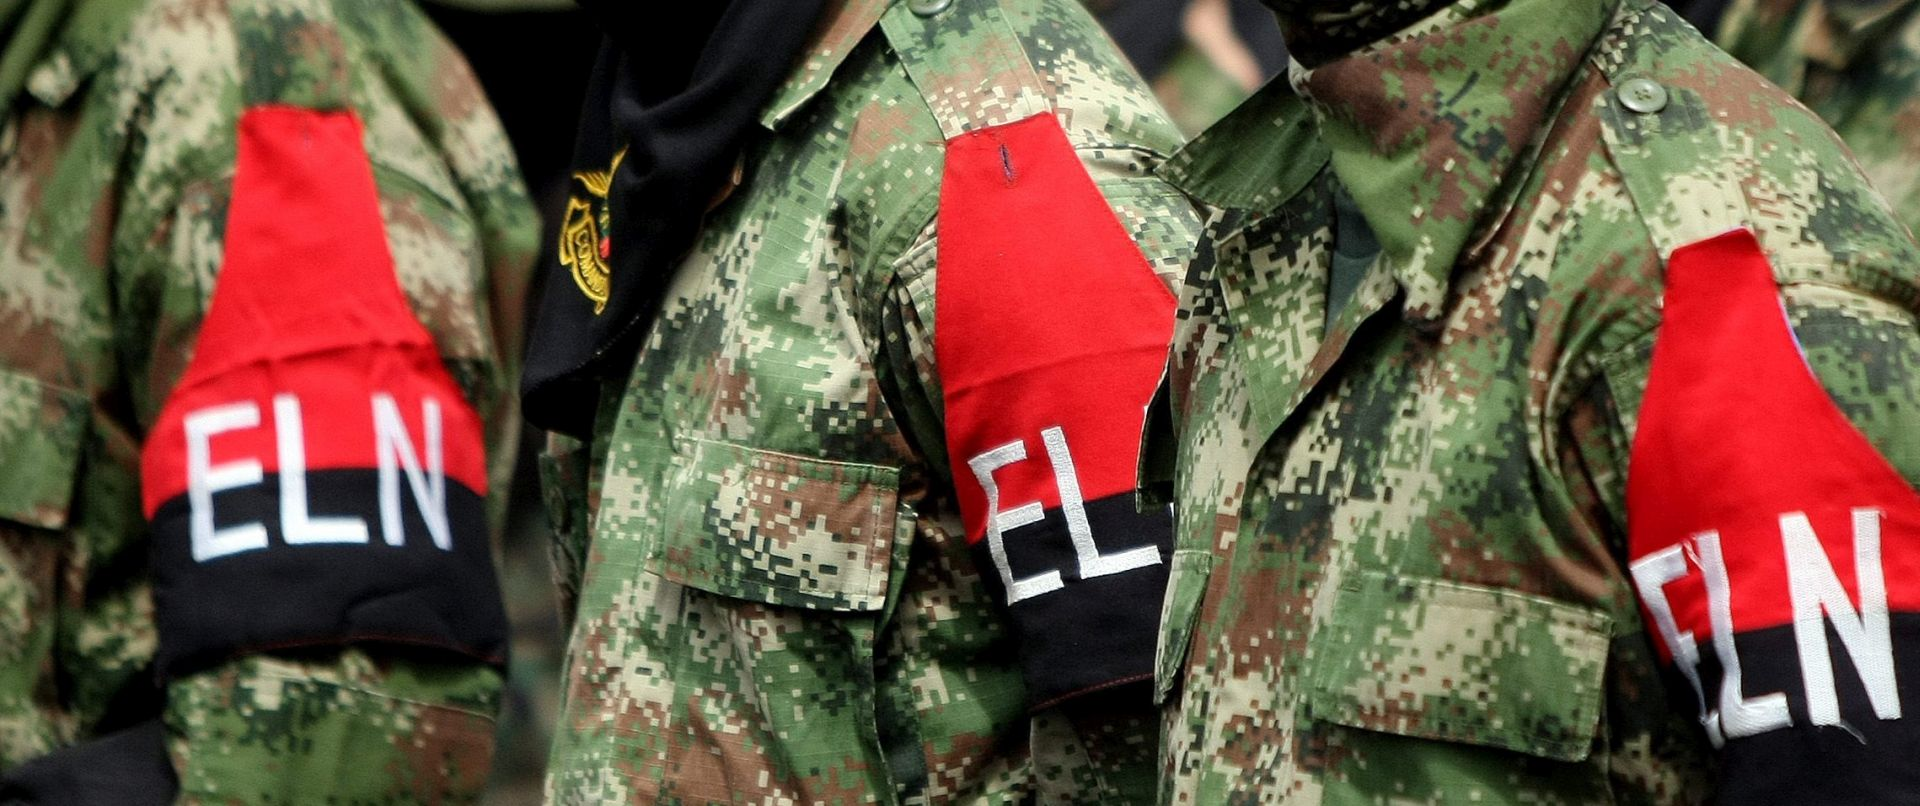 UJEDINJENI NARODI Kolumbijski FARC završio proces razoružanja